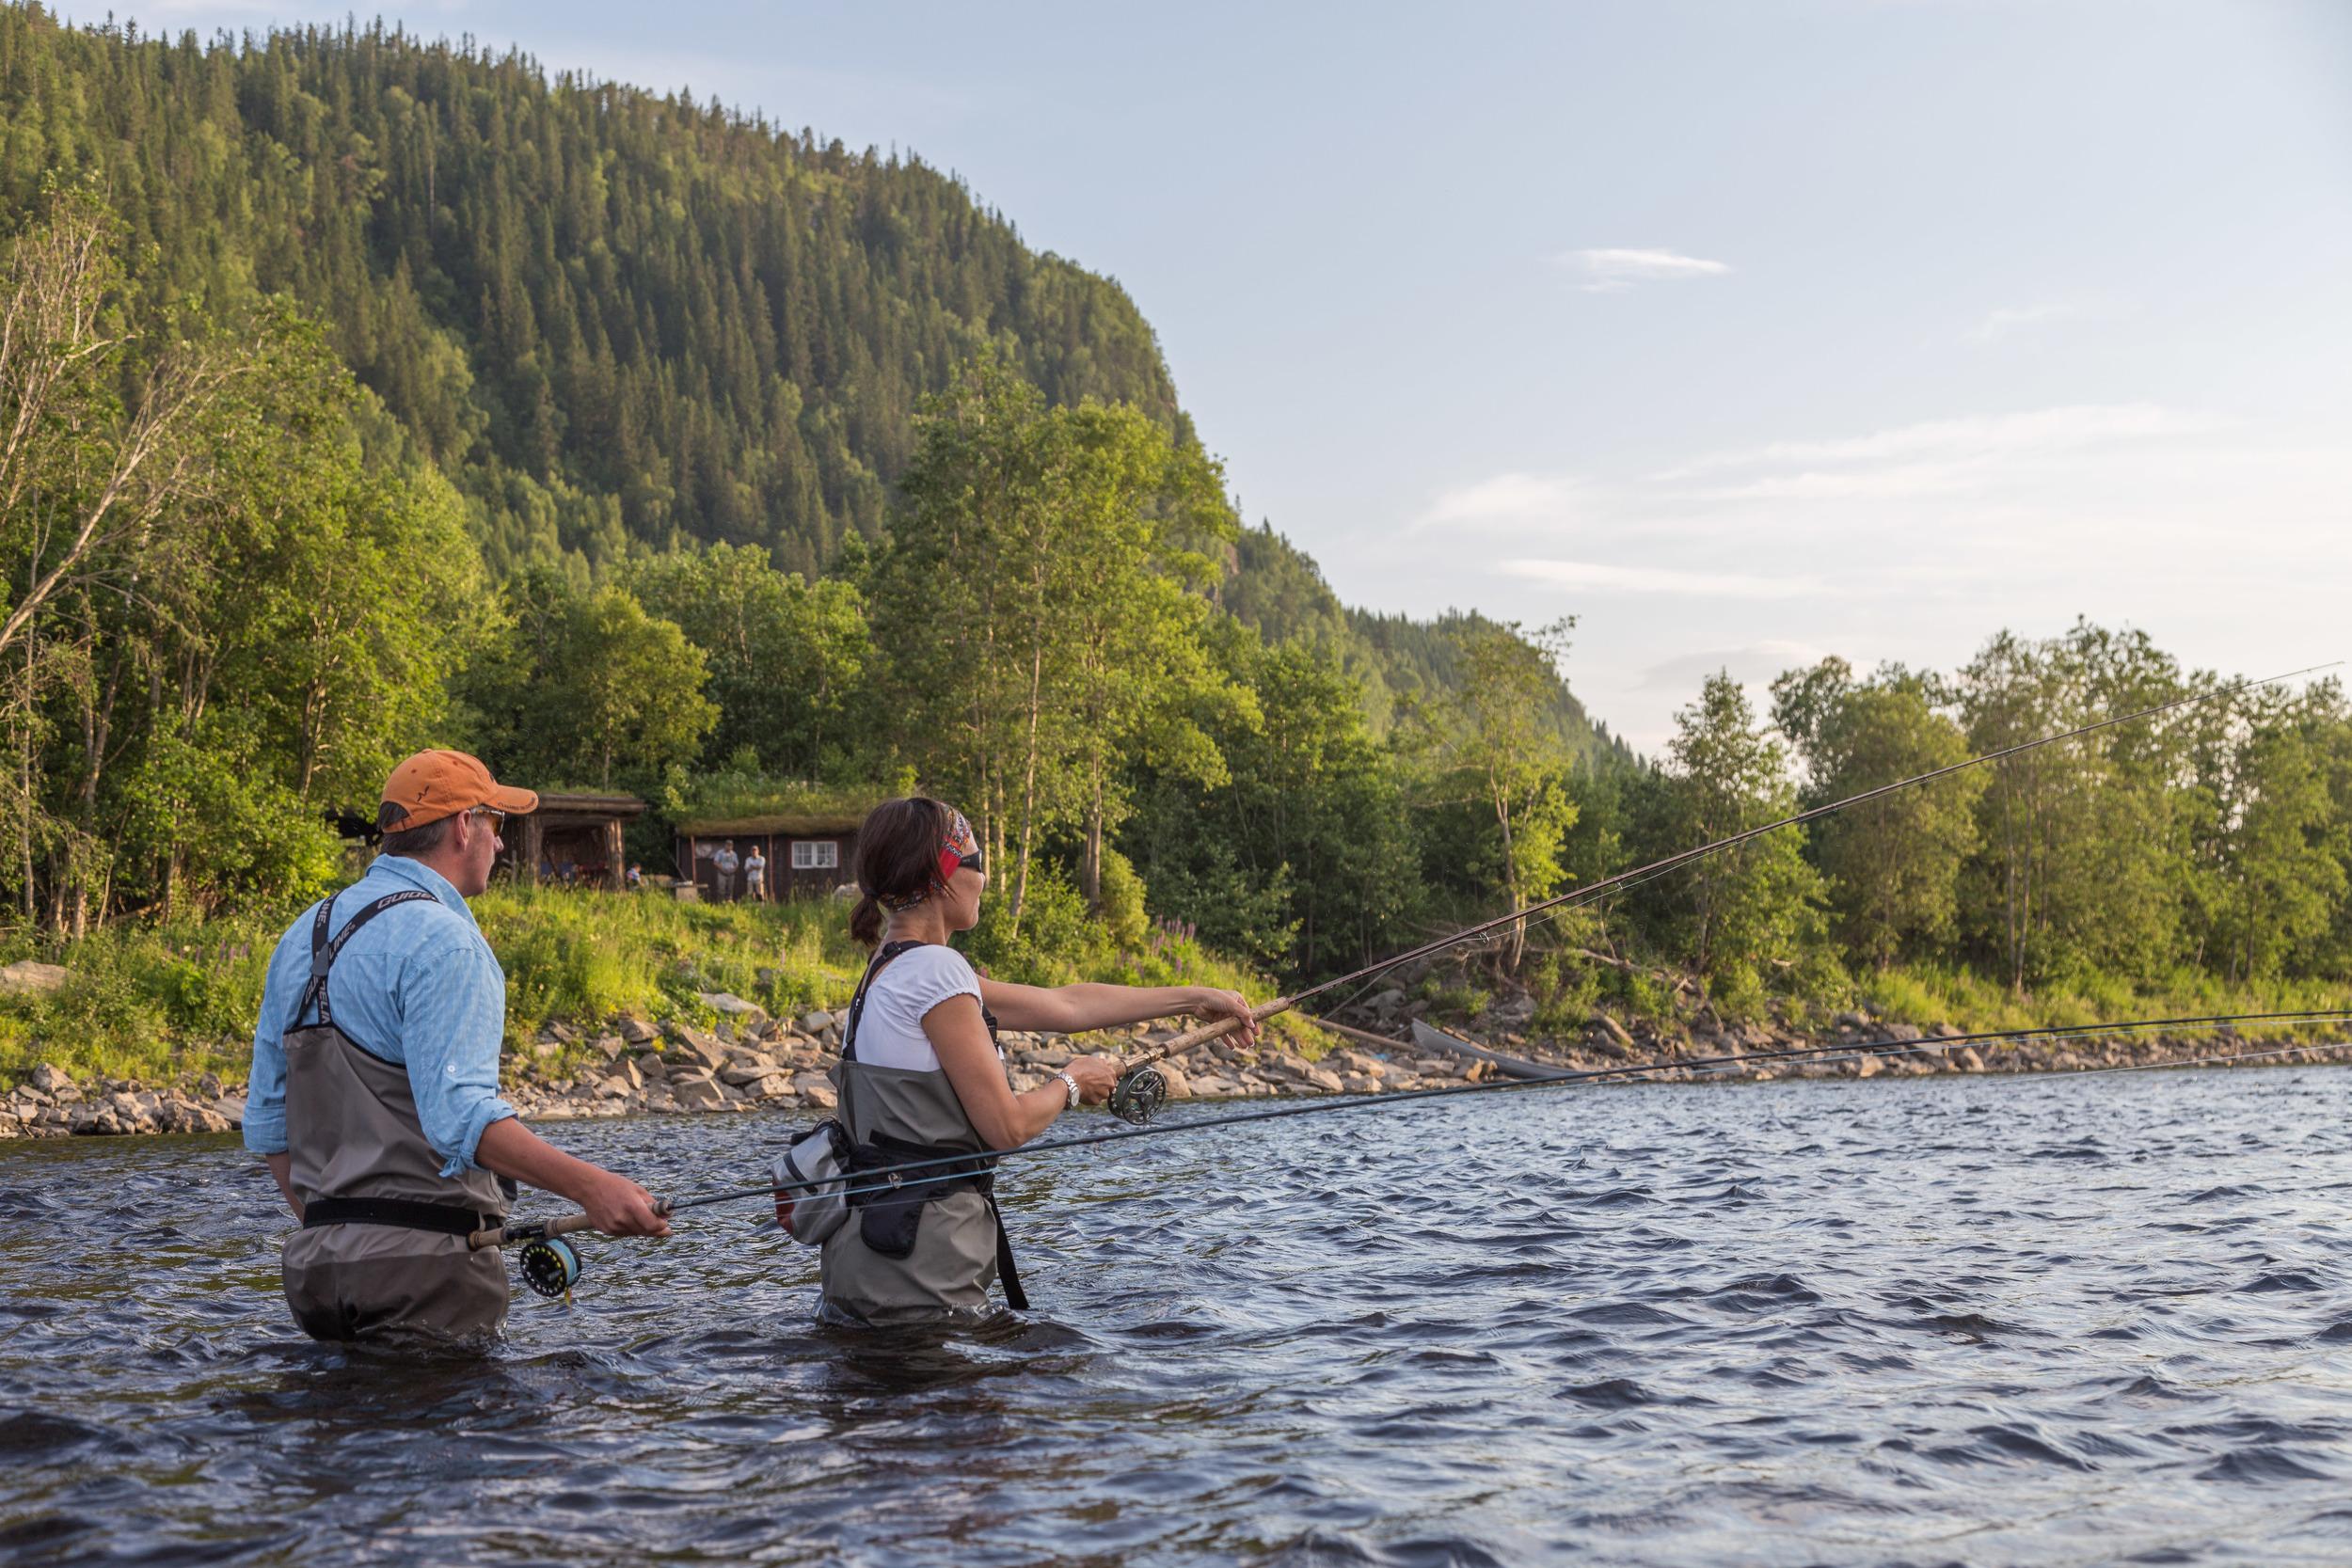 Hembre-gård-Stjørdal-Trondheim-Norge-Norway-salmon-fishing-41.jpg